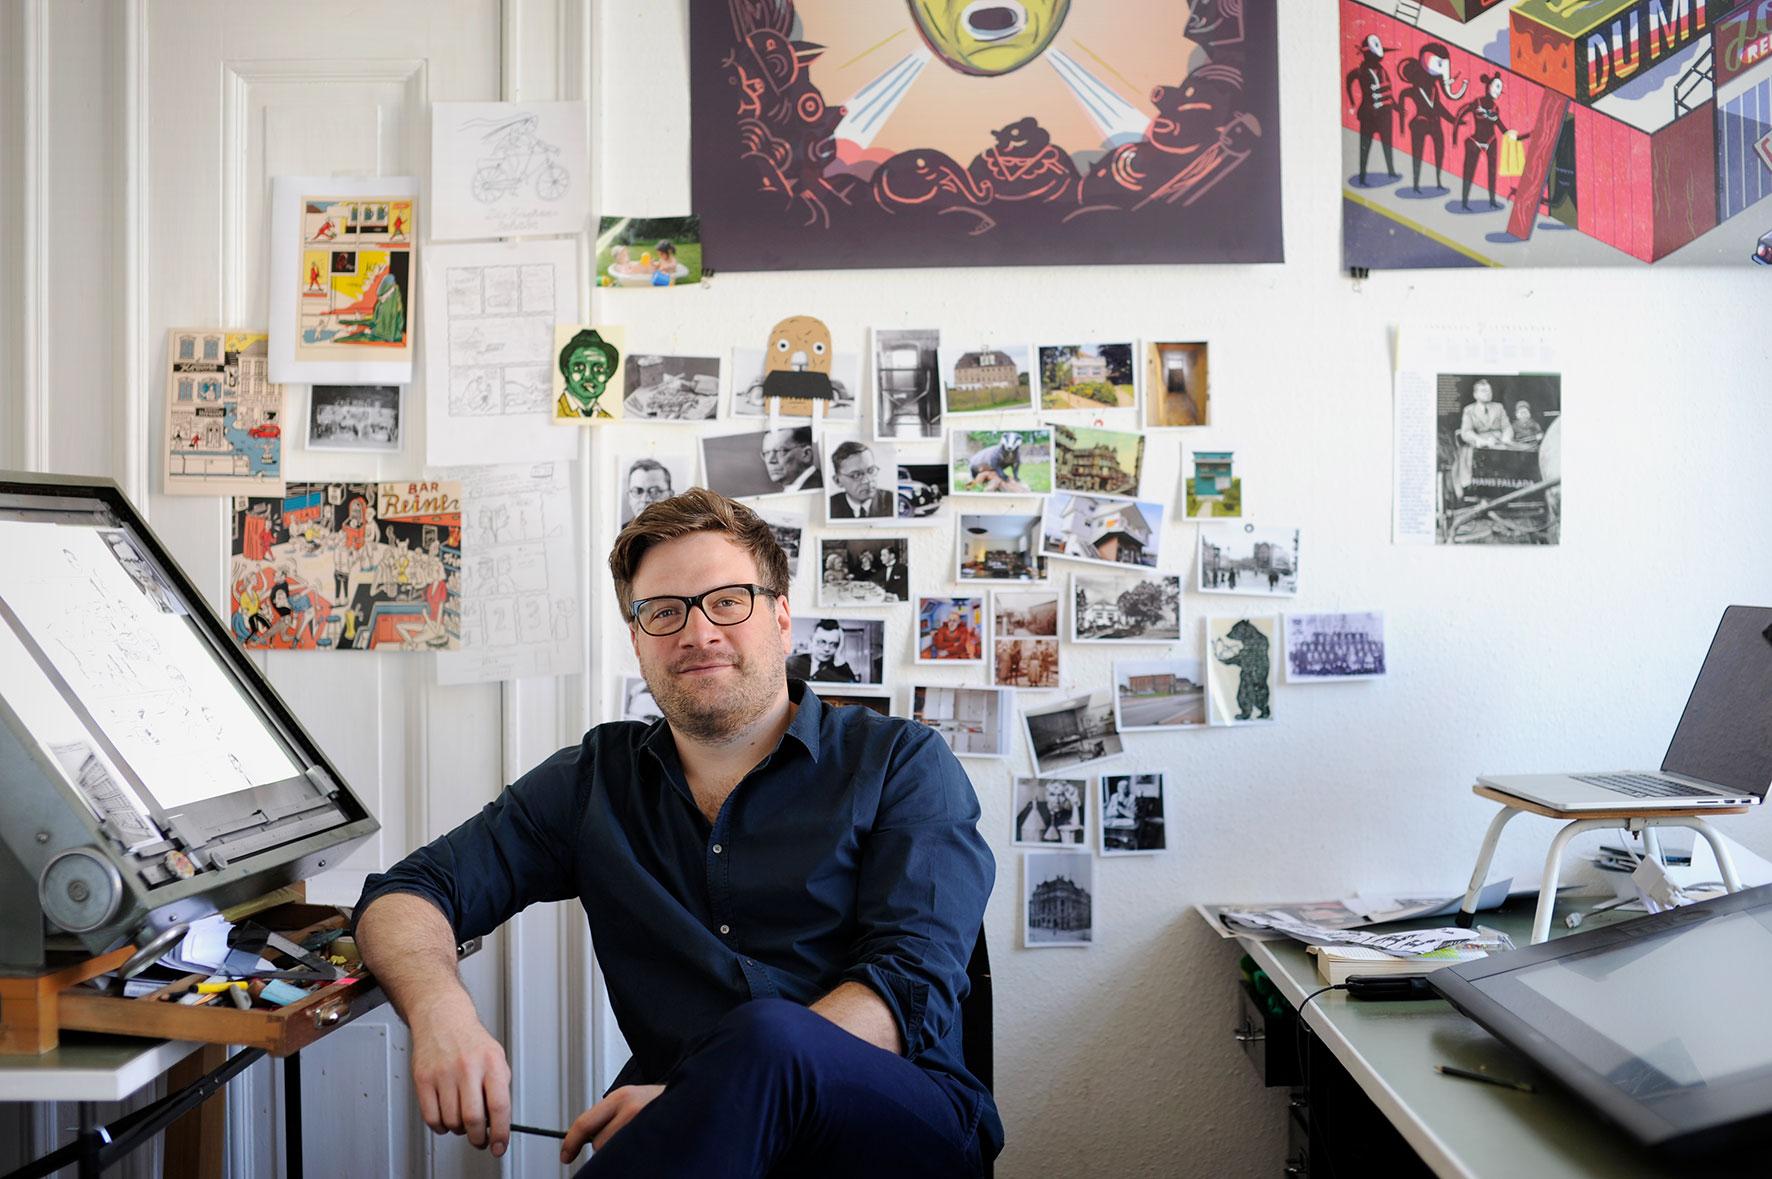 Der Berliner Illustrator und Comiczeichner Jakob Hinrichs in seinem Atelier. Foto: Iris Janke